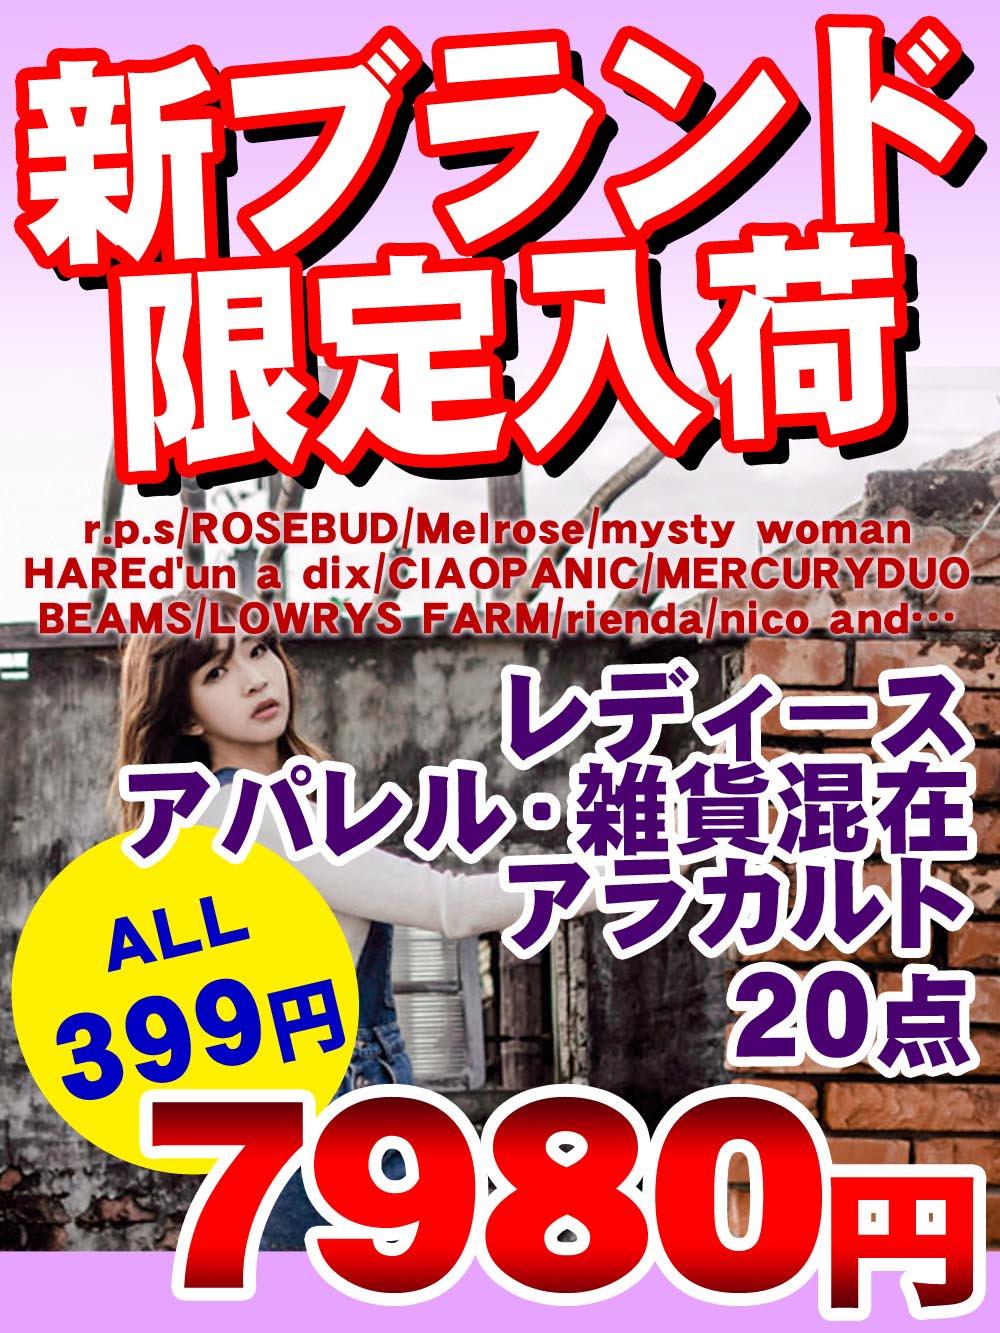 【新ブランドが限定入荷】レディースアパレル・雑貨混在アラカルト!【20点】@399